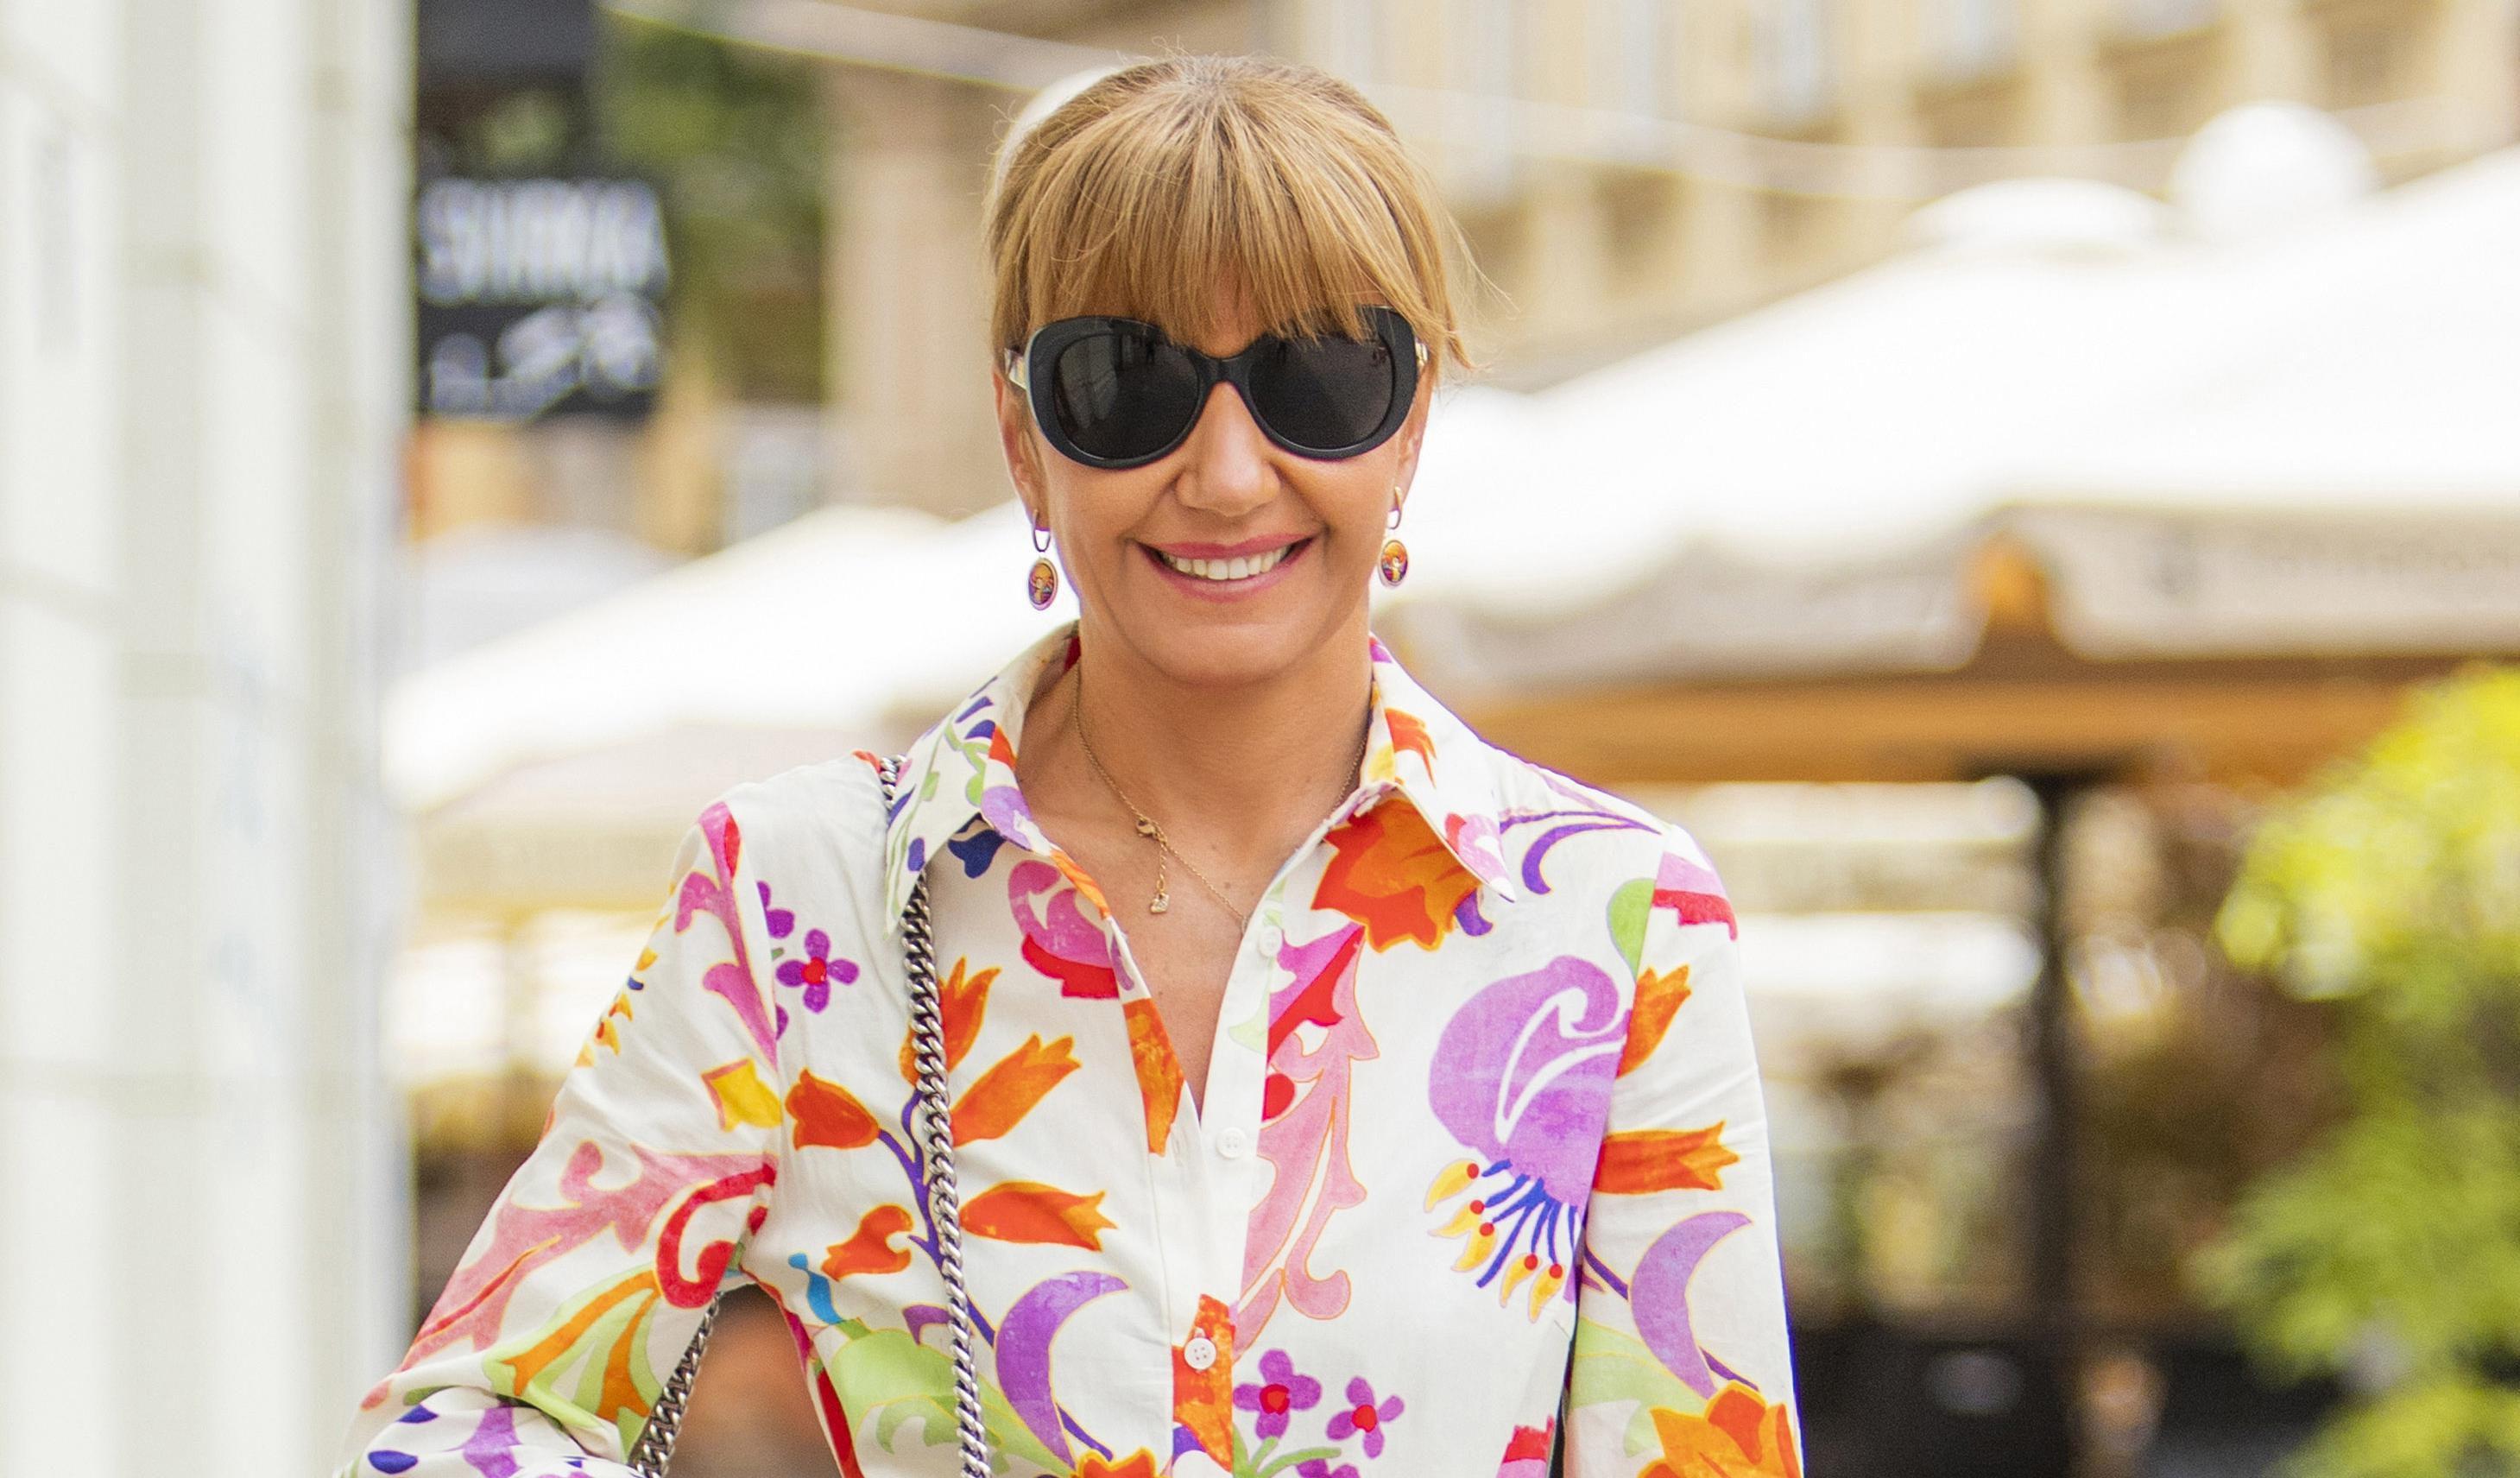 Elegancija kakvu ne viđamo često: Dama sa špice nosi haljinu koju cure ovog ljeta obožavaju